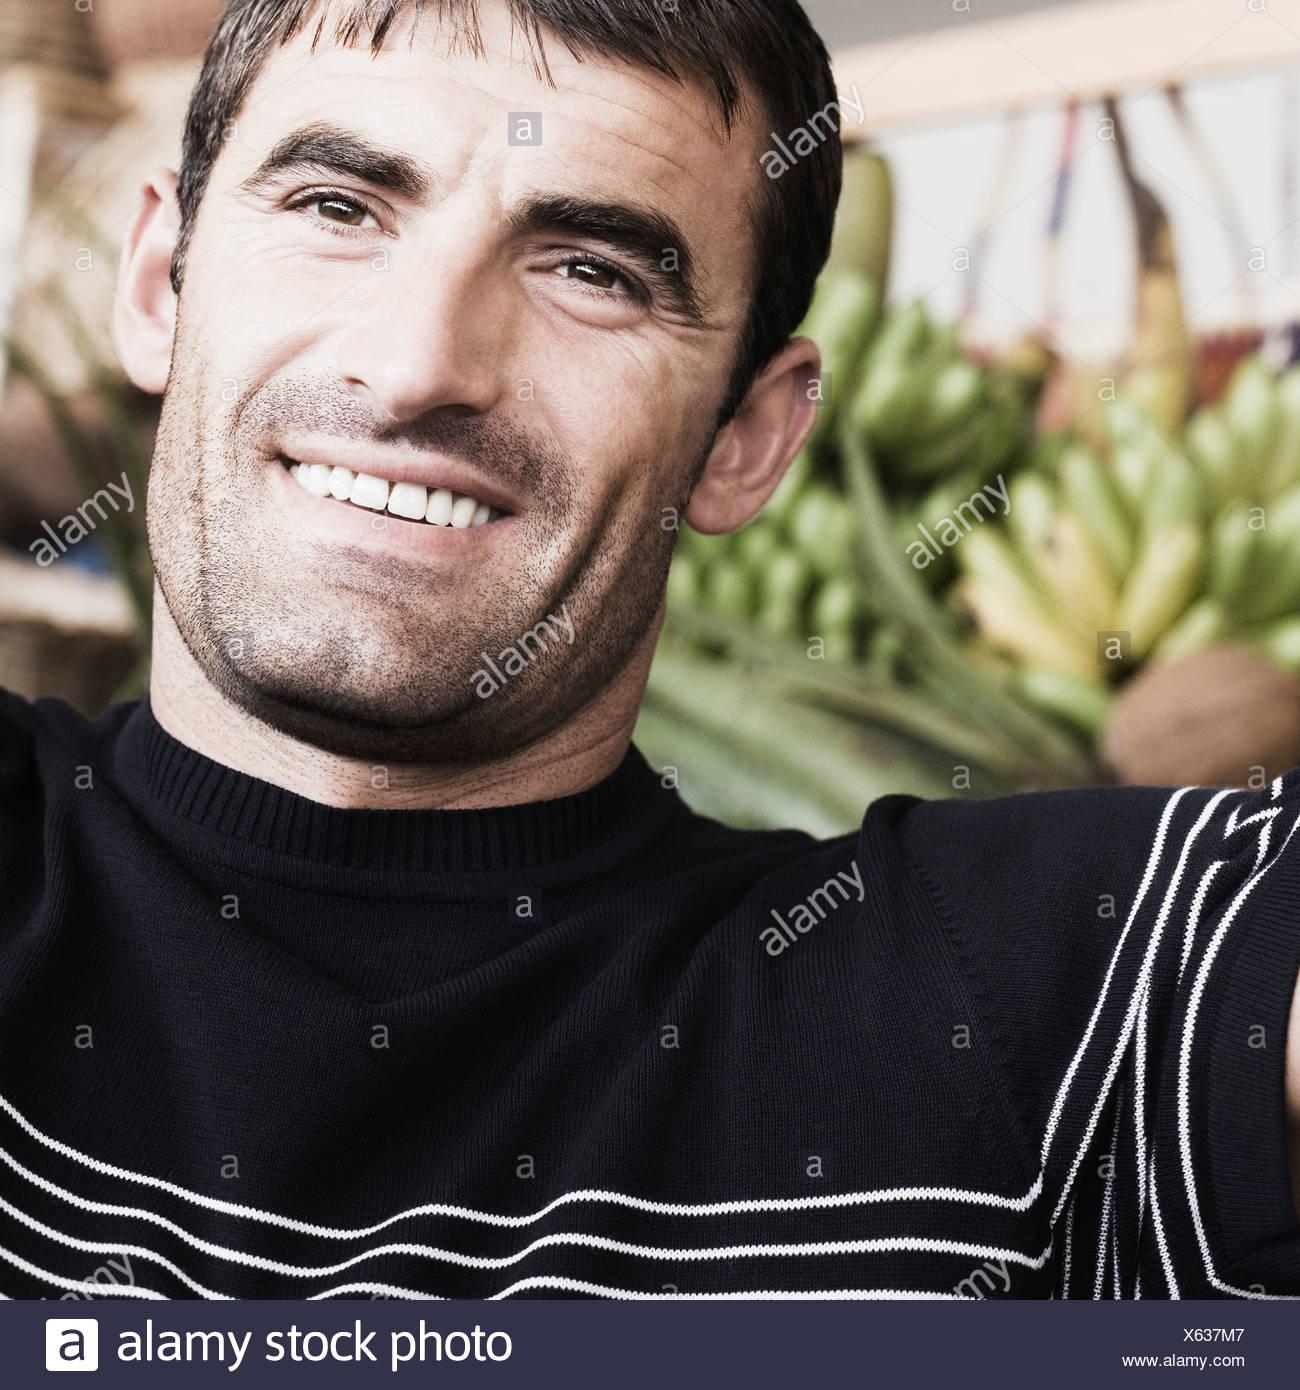 Nahaufnahme eines Mitte erwachsenen Mannes lächelnd Stockbild